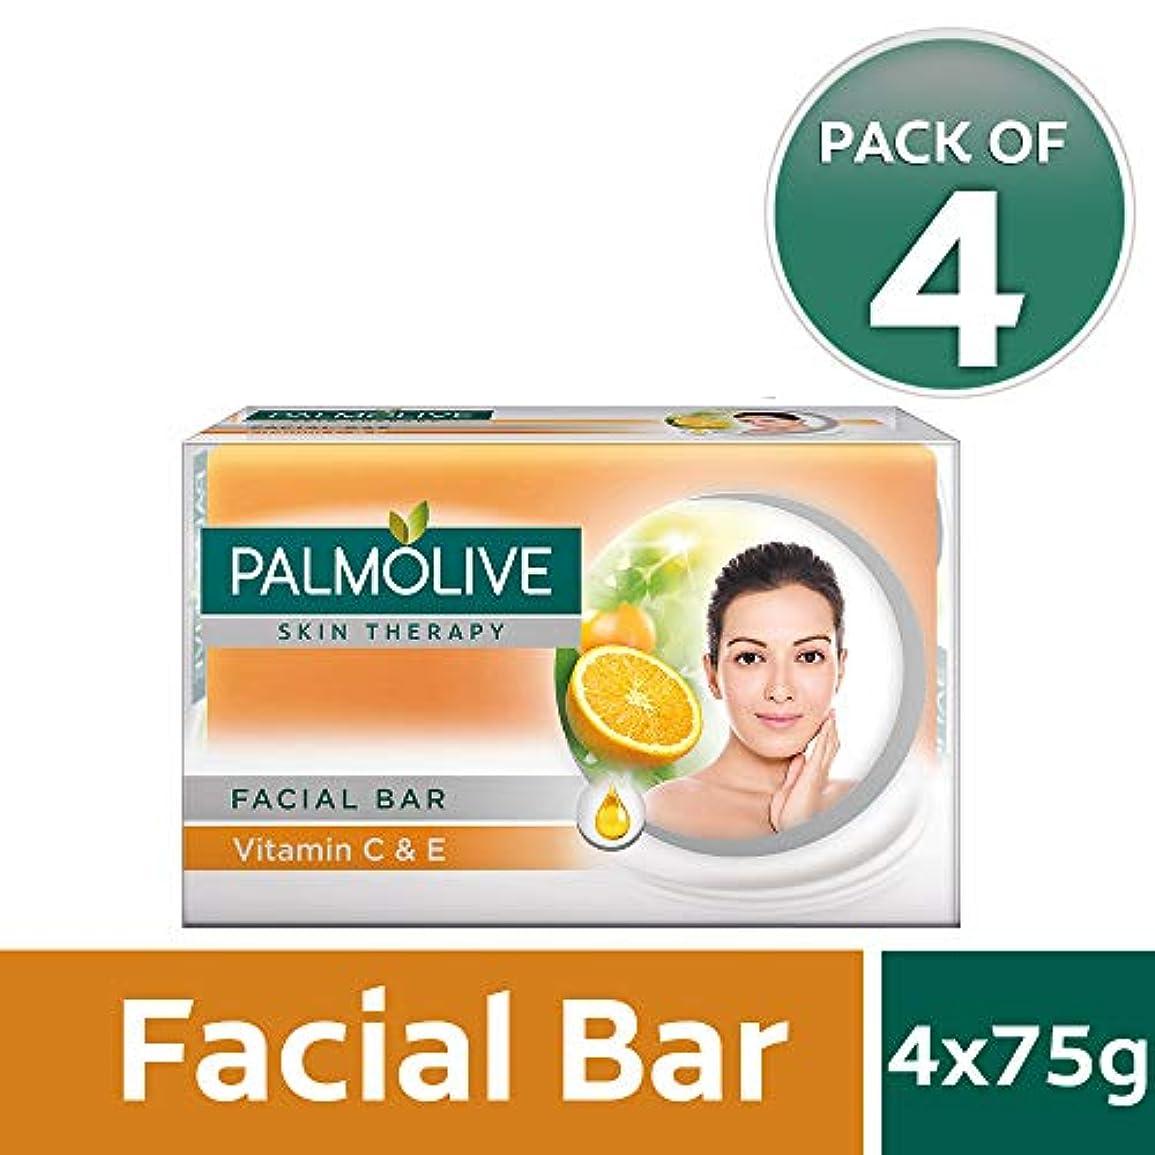 補体勢い粘液Palmolive Skin Therapy Facial Bar Soap with Vitamin C and E - 75g (Pack of 4)